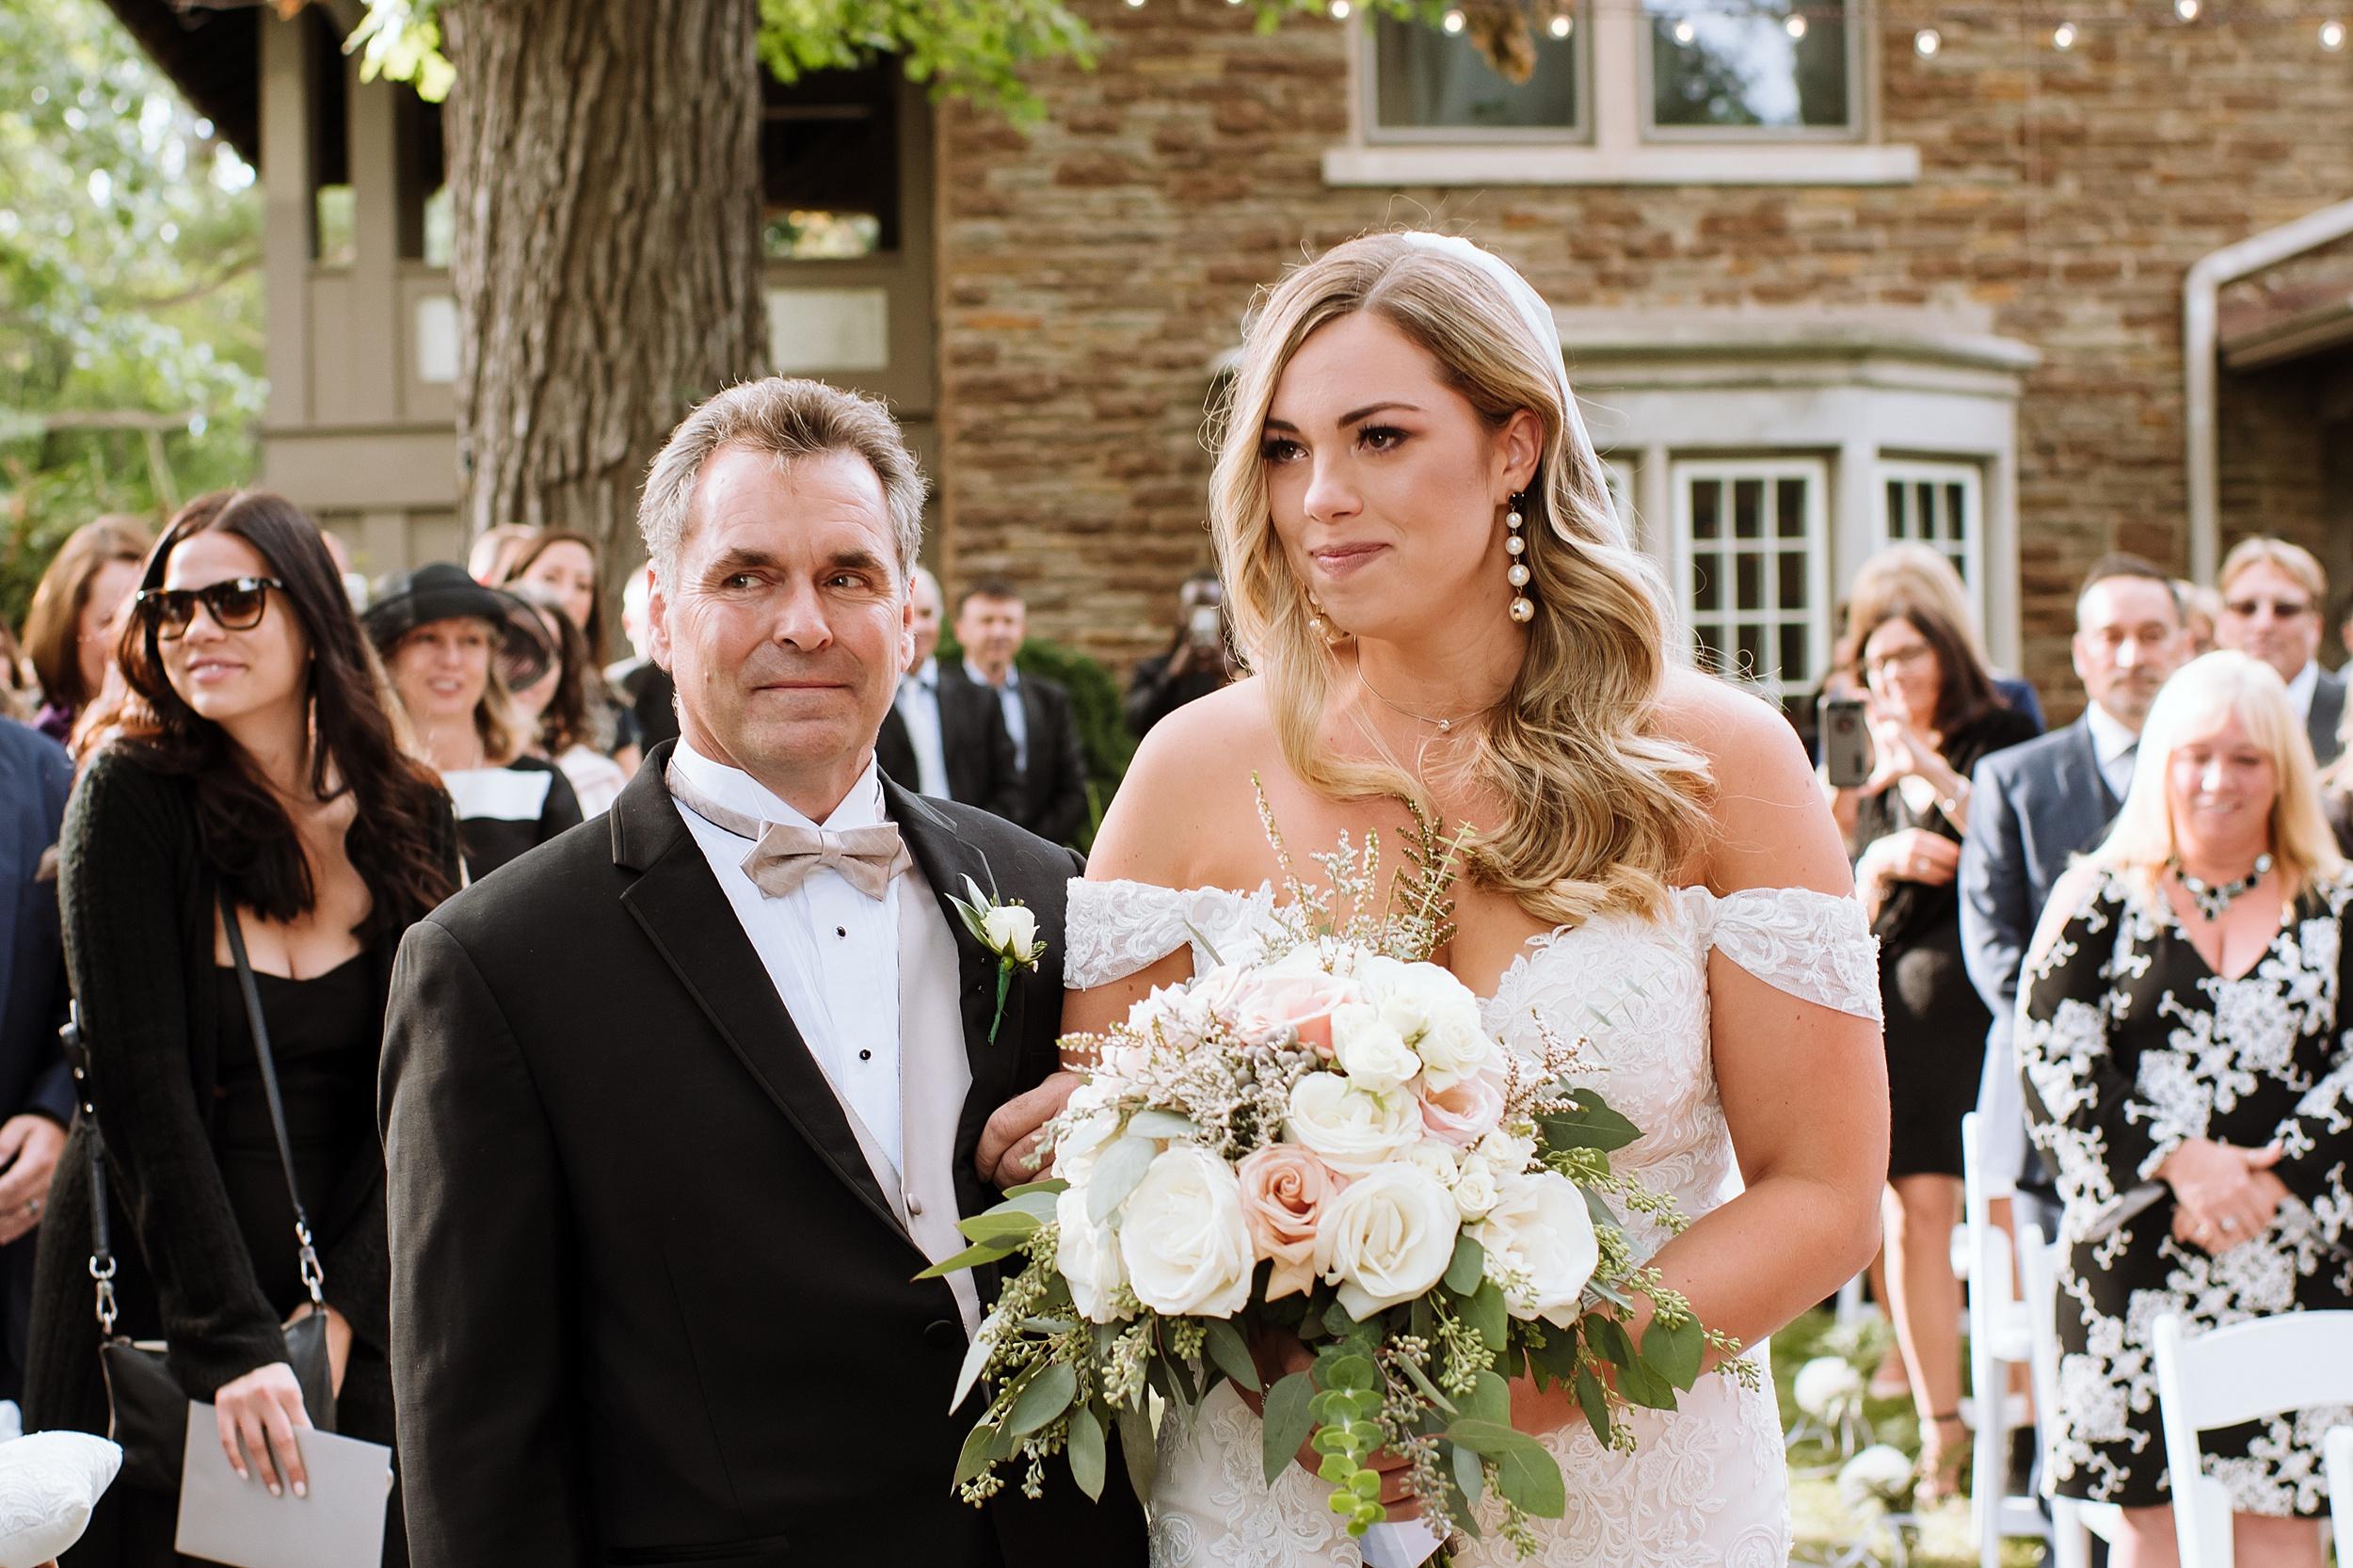 Rustic_Backyard_Wedding_Toronto_Photographer095.jpg